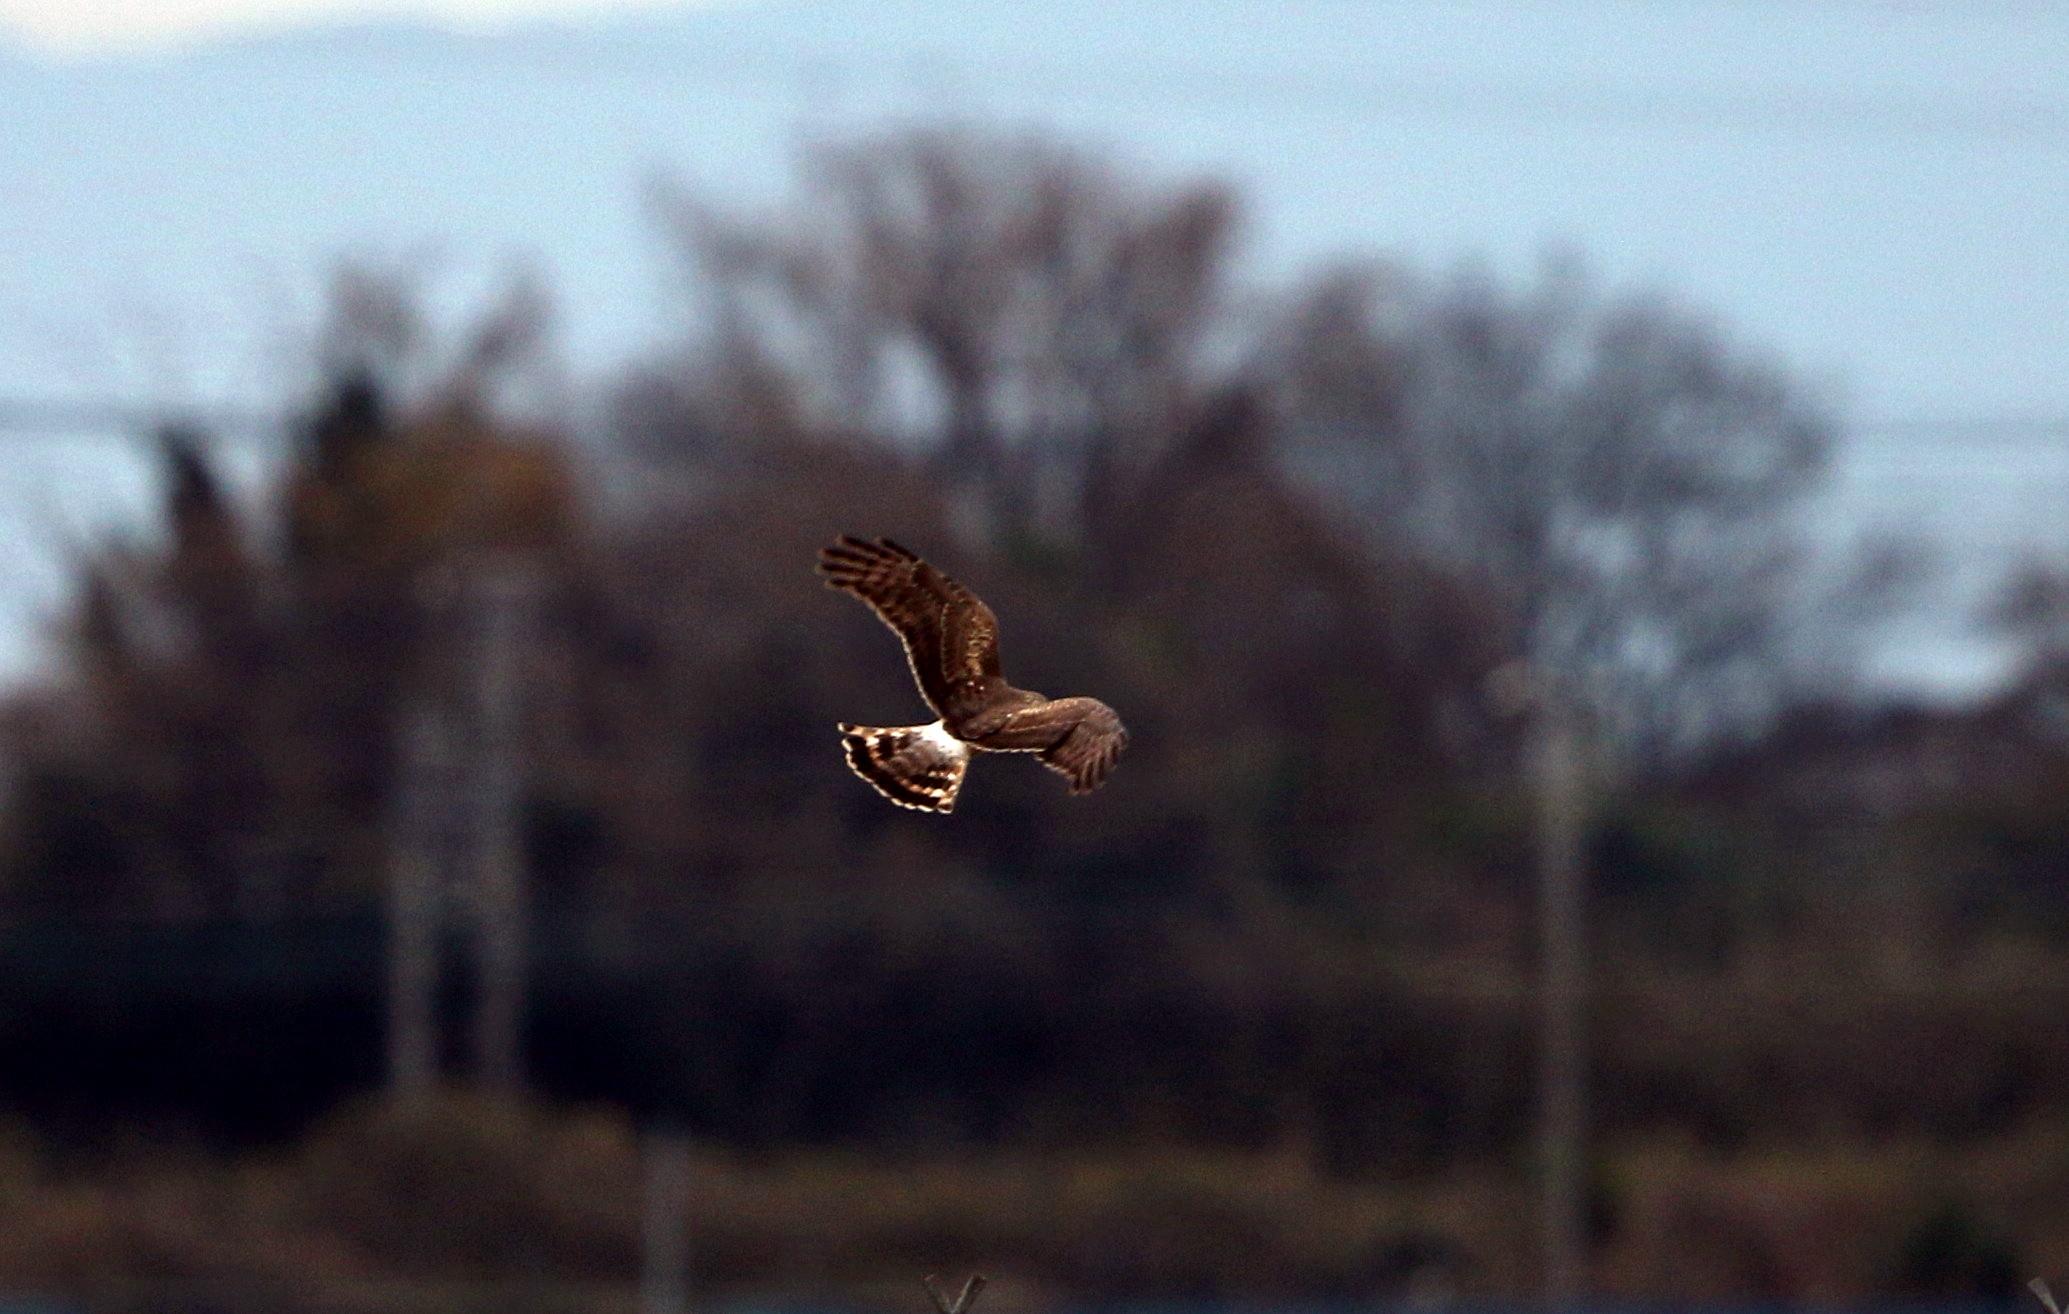 ハイイロチュウヒ雌の飛翔 その8_f0239515_18274375.jpg